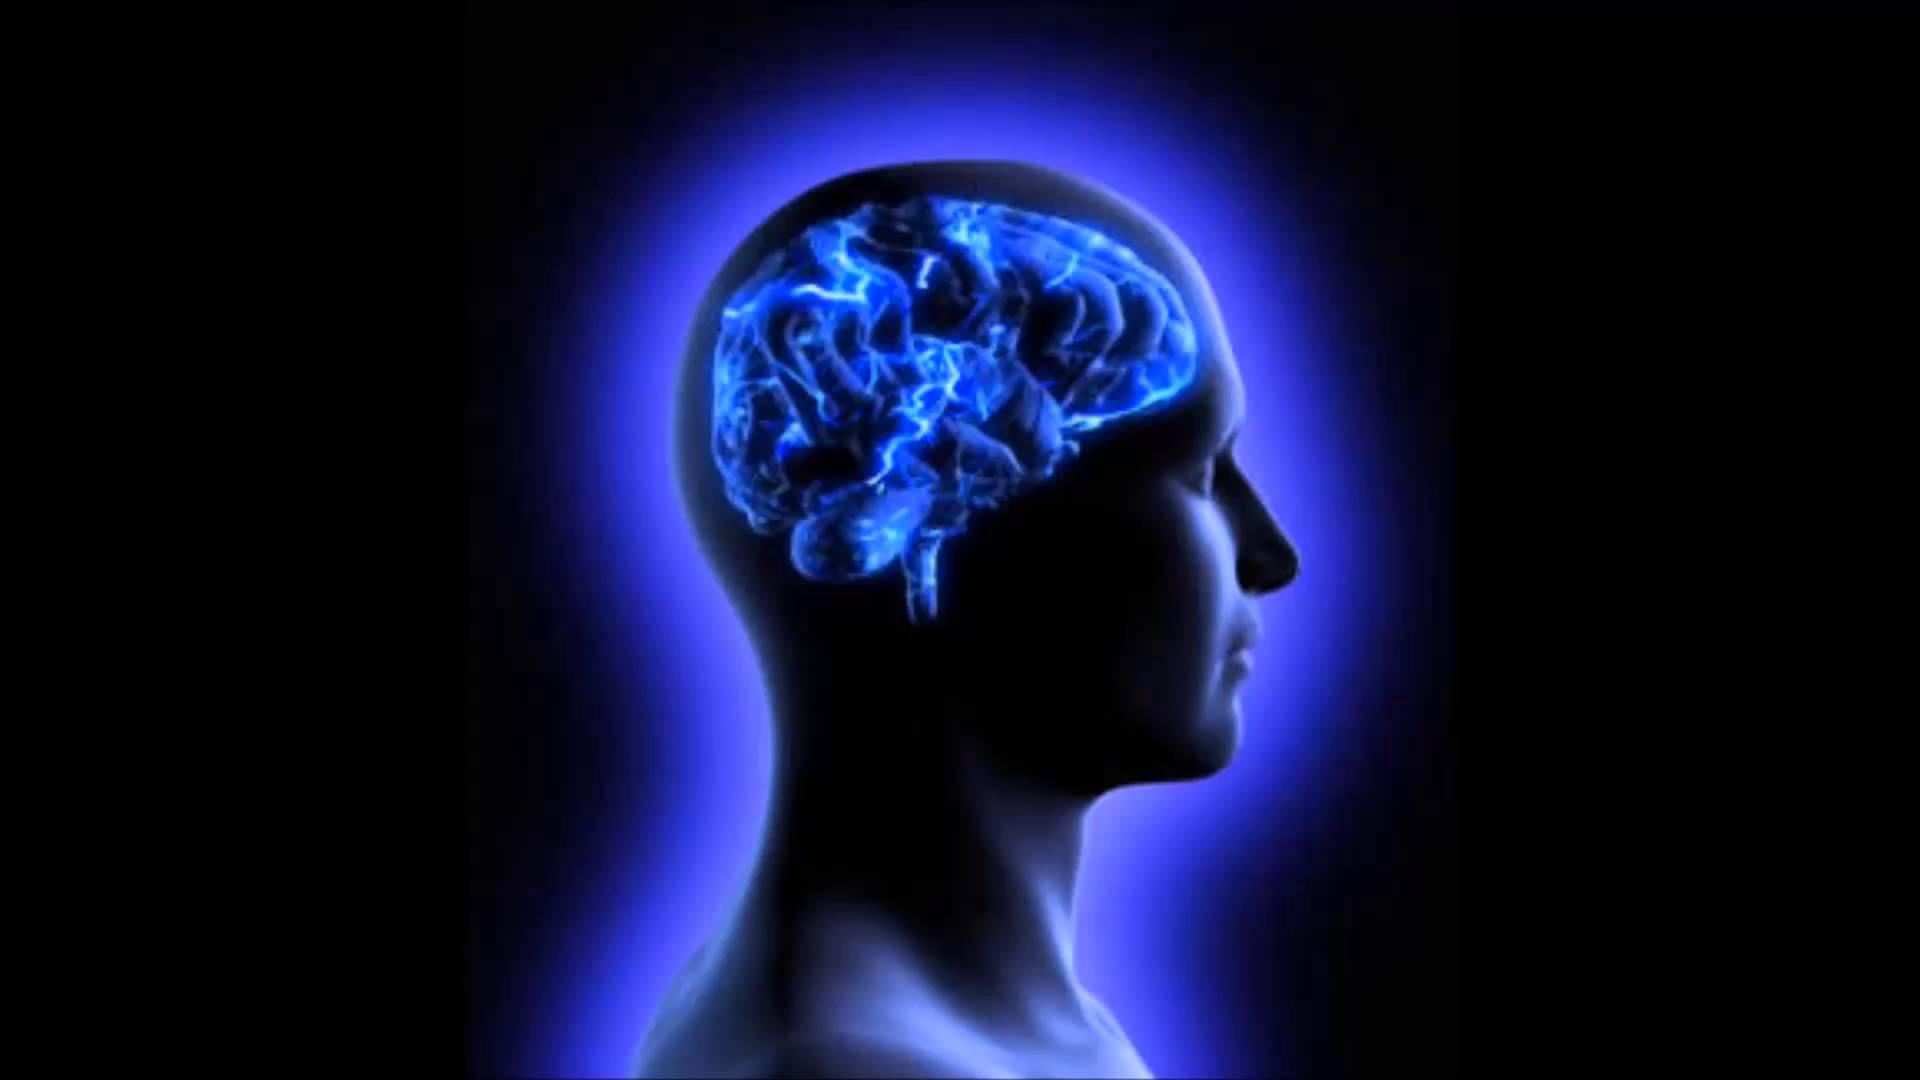 картинки мозг и гипноз нанесением финишного слоя